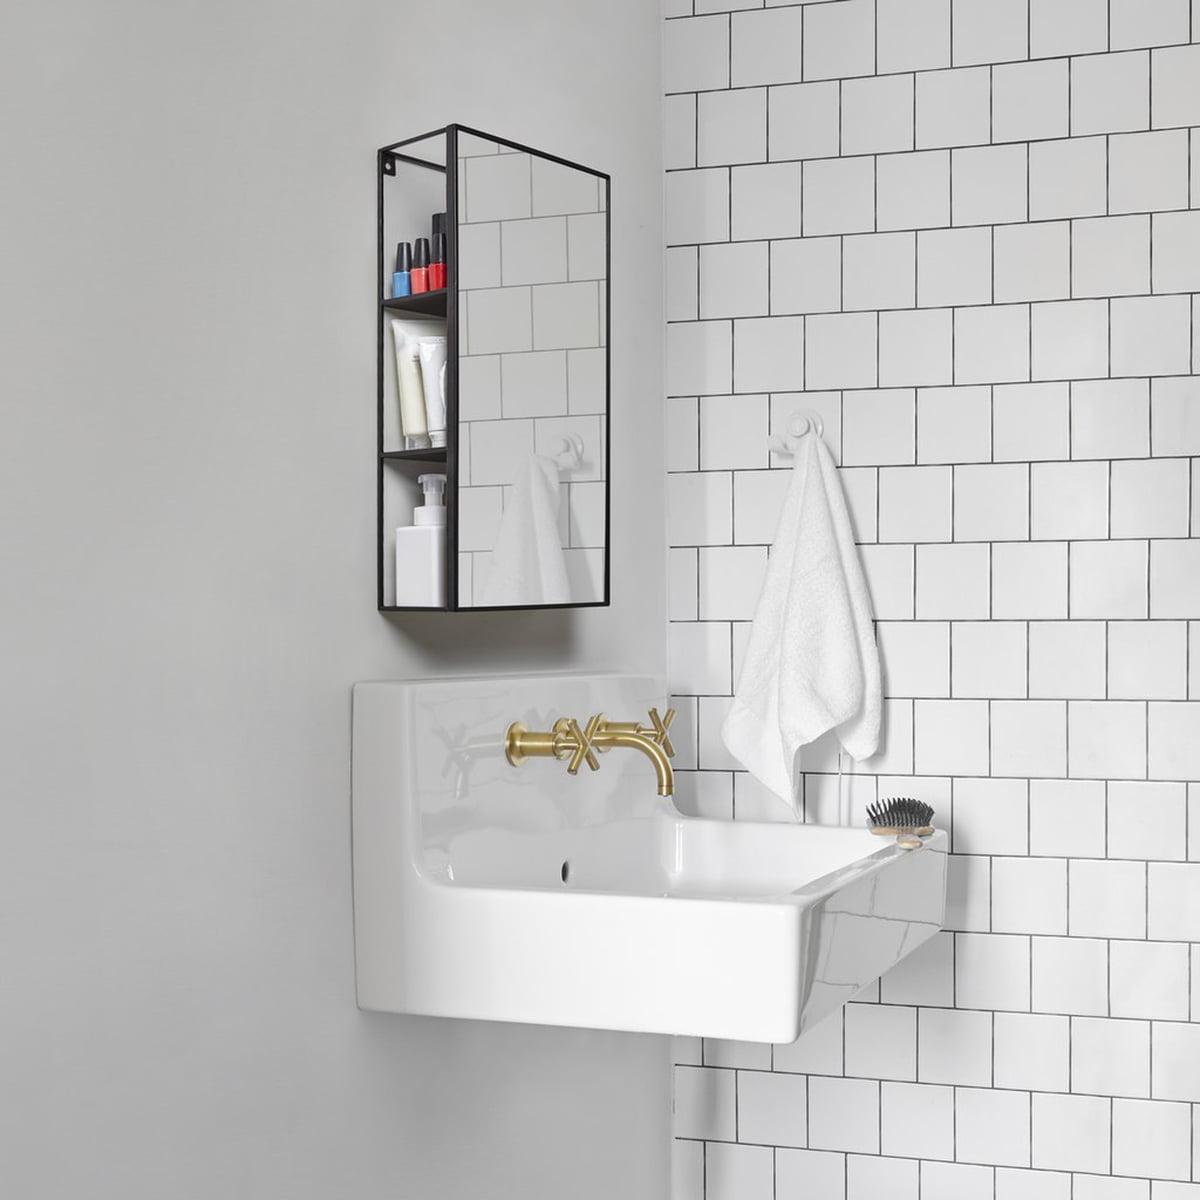 Umbra - Cubiko Spiegel Regal, schwarz